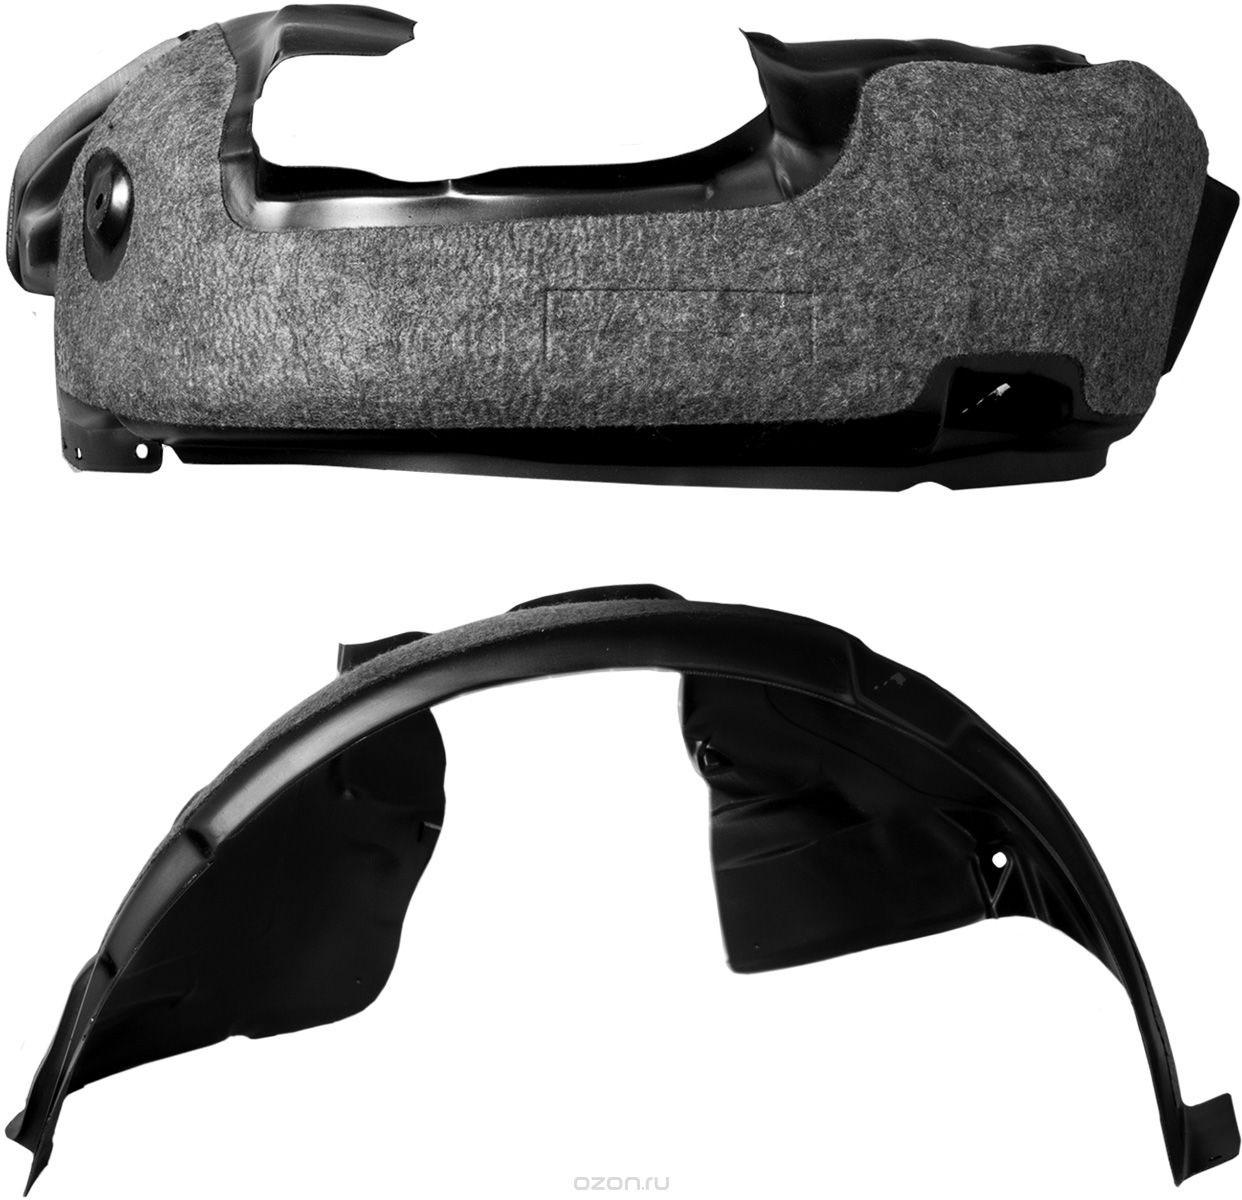 Подкрылок Novline-Autofamily с шумоизоляцией, для Ravon Gentra, 2013->, седан, передний левыйNLS.102.01.001Идеальная защита колесной ниши. Локеры разработаны с применением цифровых технологий, гарантируют максимальную повторяемость поверхности арки. Изделия устанавливаются без нарушения лакокрасочного покрытия автомобиля, каждый подкрылок комплектуется крепежом. Уважаемые клиенты, обращаем ваше внимание, что фотографии на подкрылки универсальные и не отражают реальную форму изделия. При этом само изделие идет точно под размер указанного автомобиля.